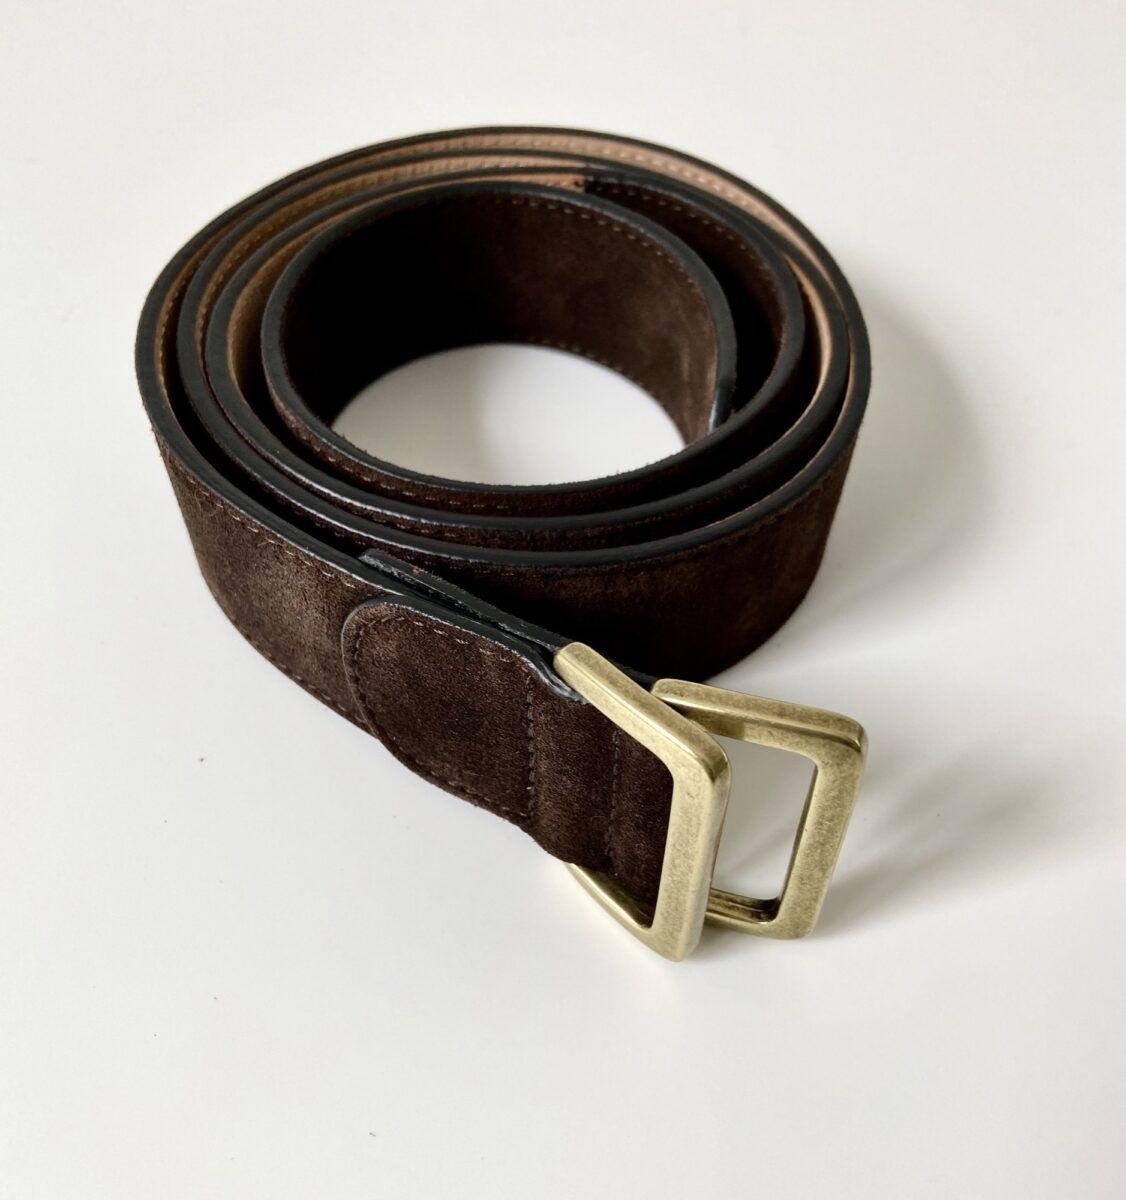 Une ceinture en veau velours couleur marron chocolat - Caulaincourt Paris